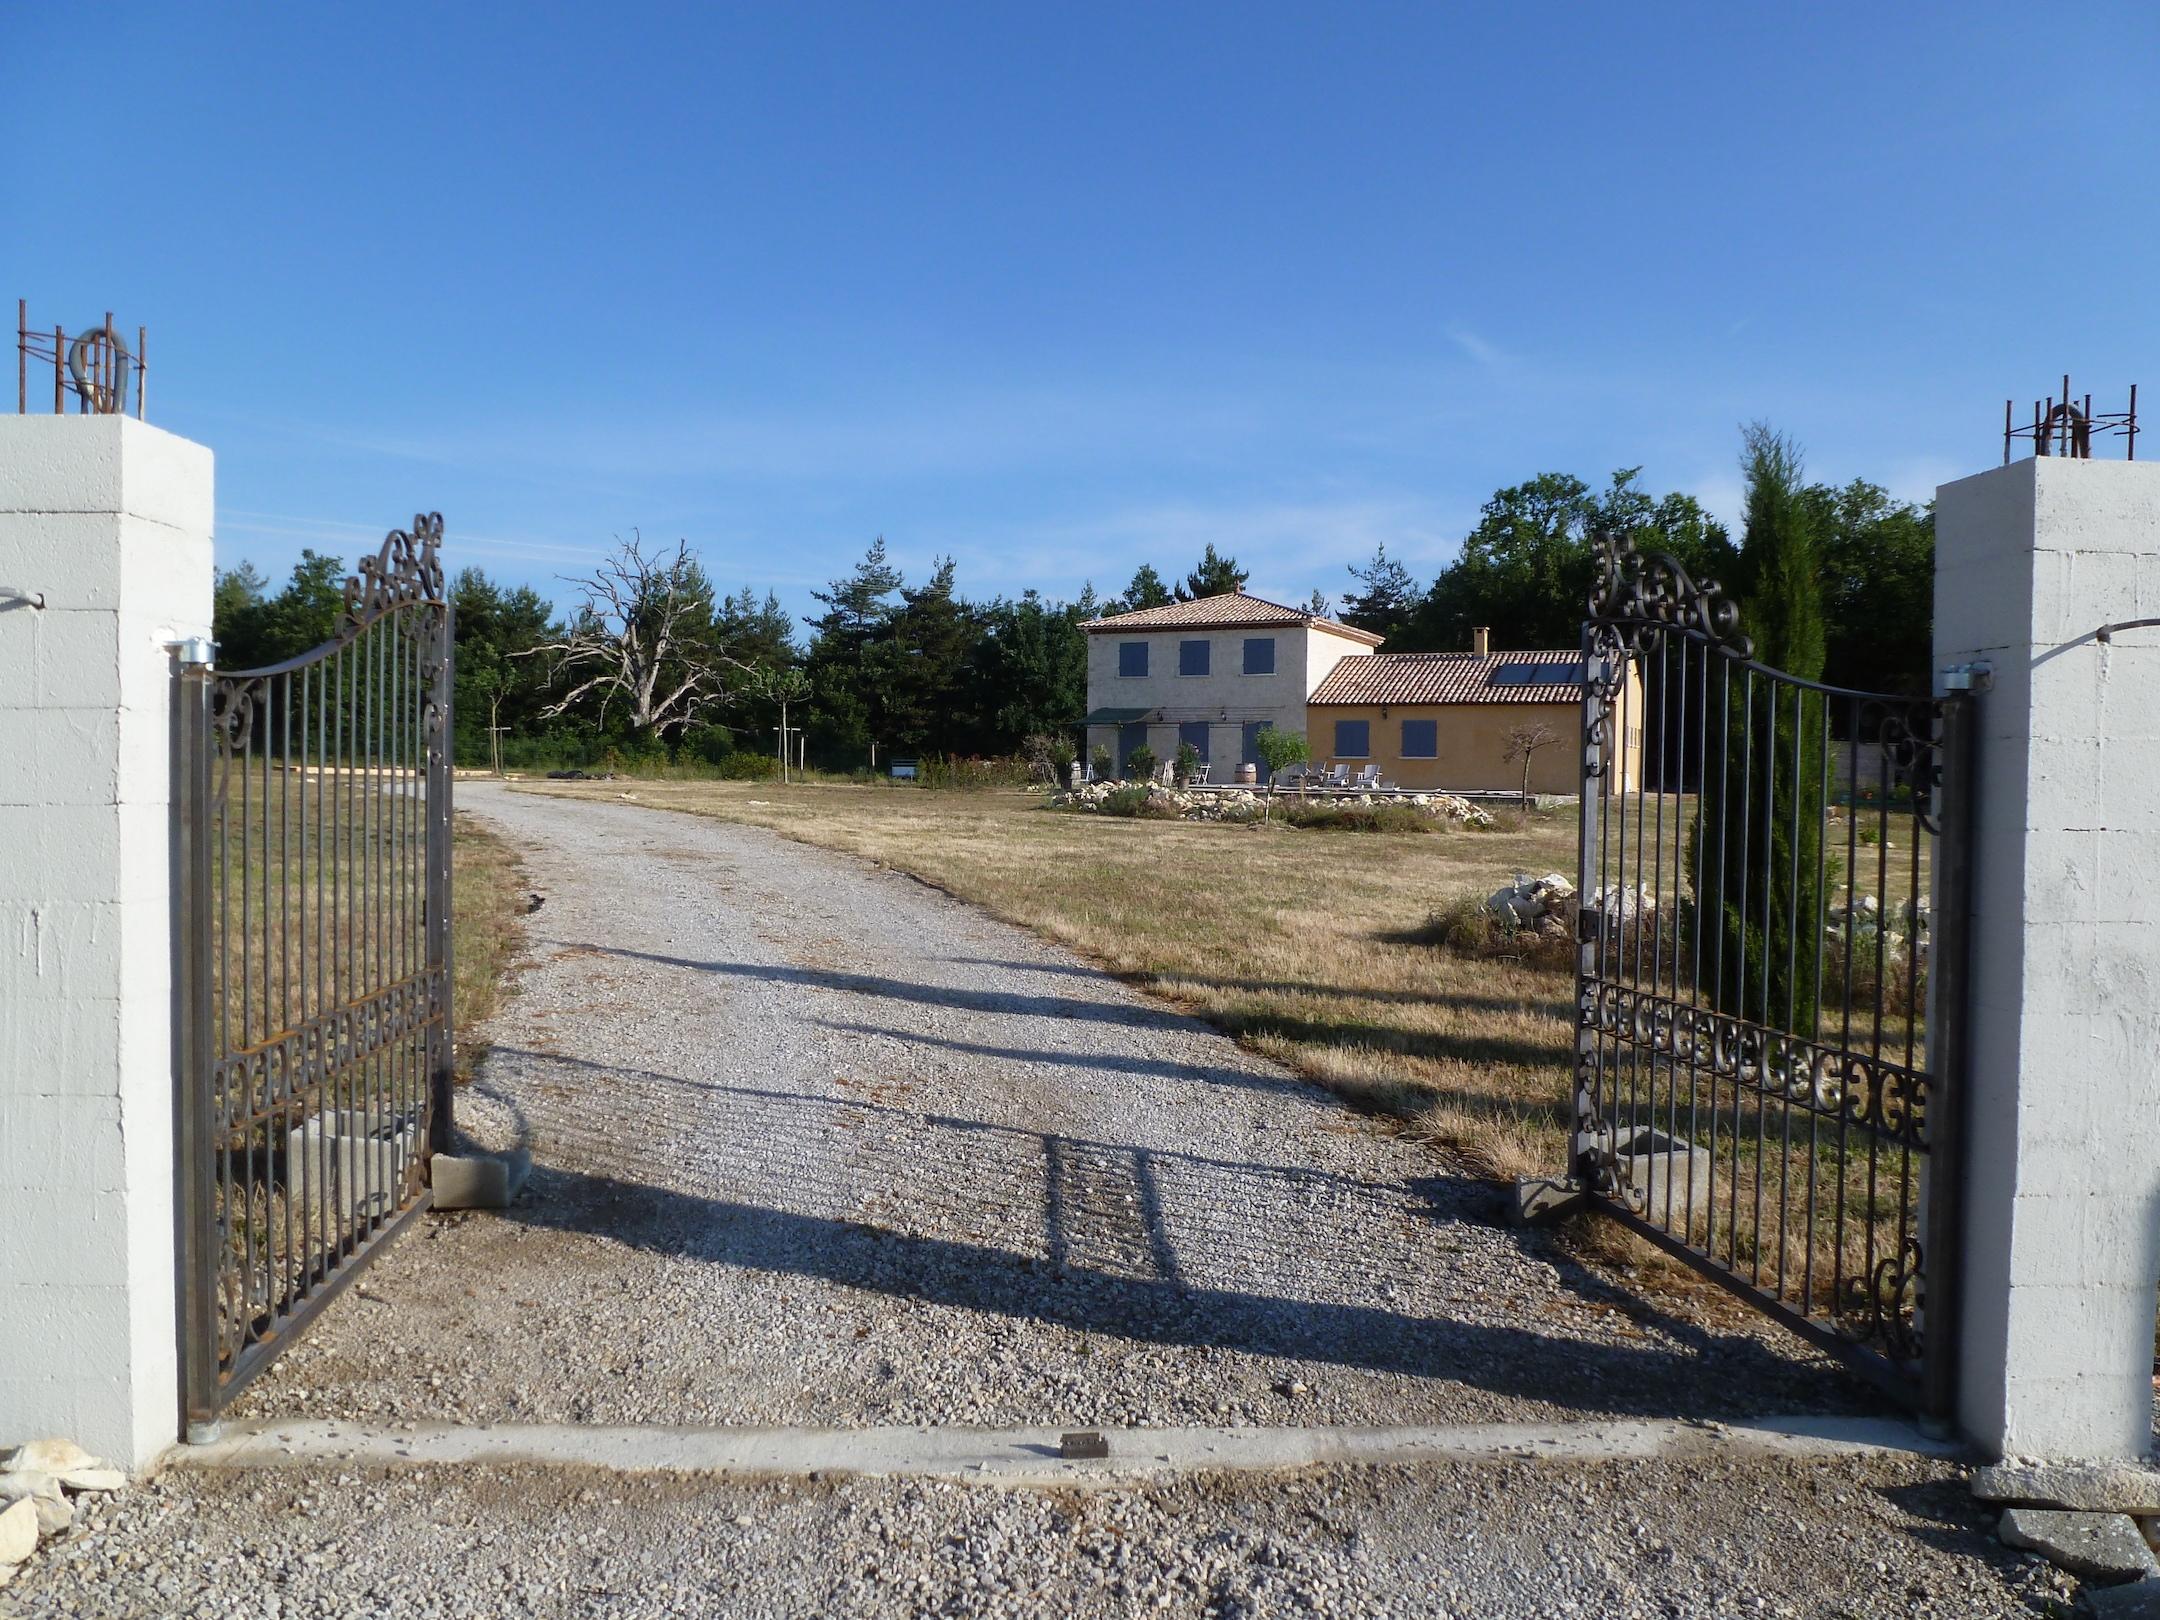 Fabrication d'un portail fer forgé sur mesure réalisé à partir de notre gamme de pièces détachées. Localisation : <b>Alpes de hautes Provence</b>.